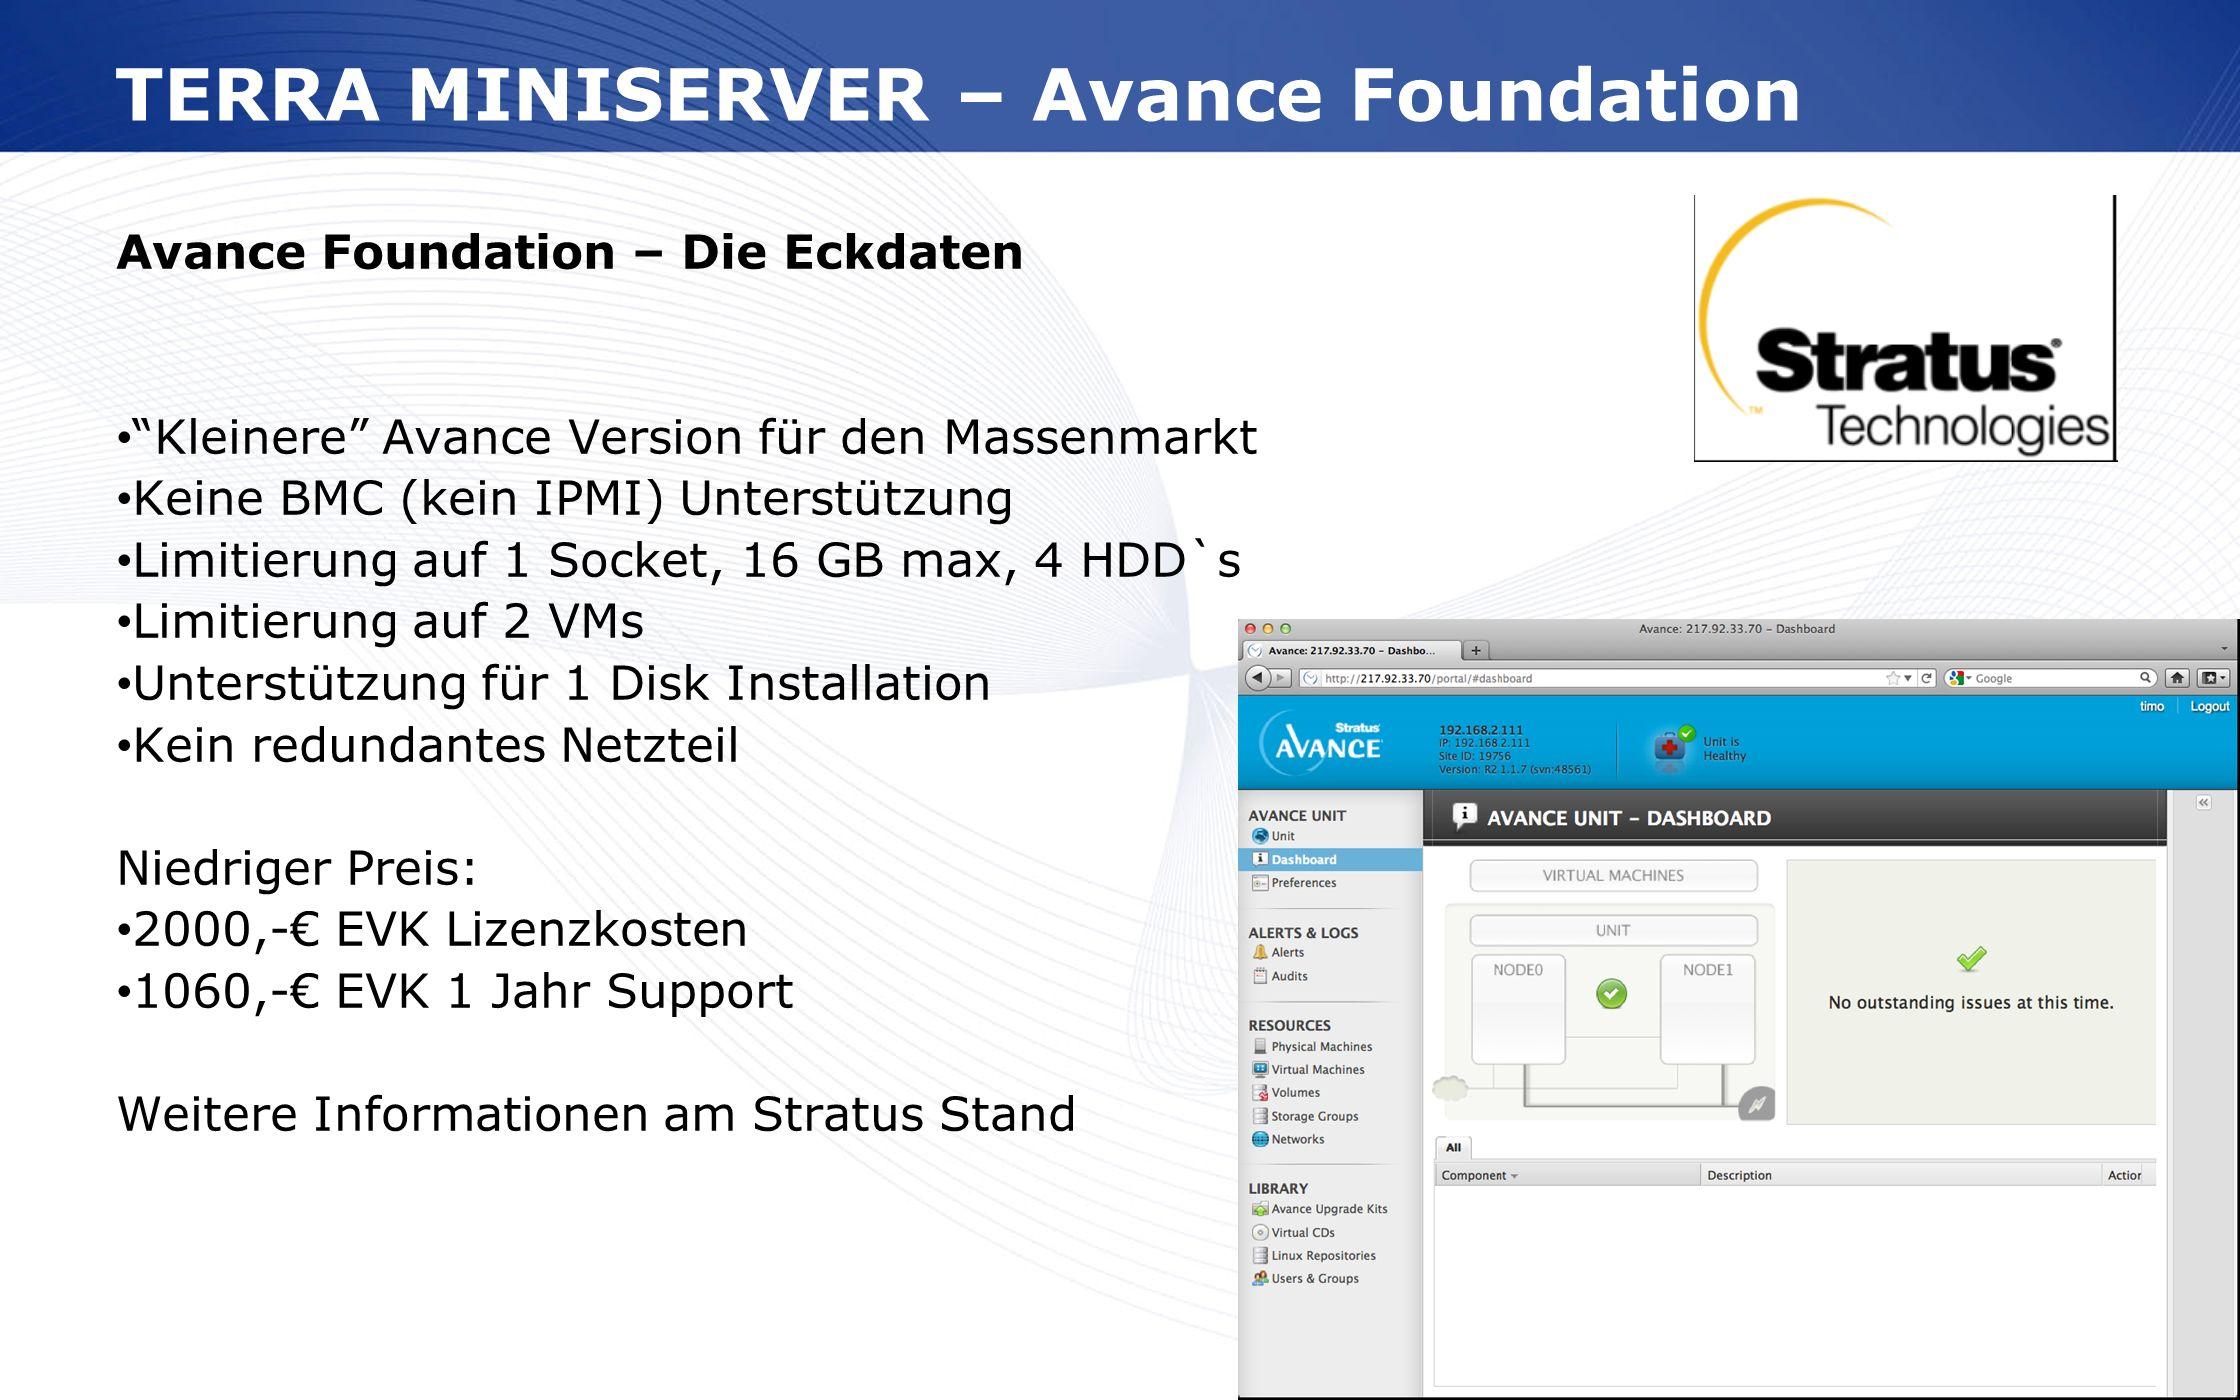 www.wortmann.de Avance Foundation – Die Eckdaten Kleinere Avance Version für den Massenmarkt Keine BMC (kein IPMI) Unterstützung Limitierung auf 1 Soc